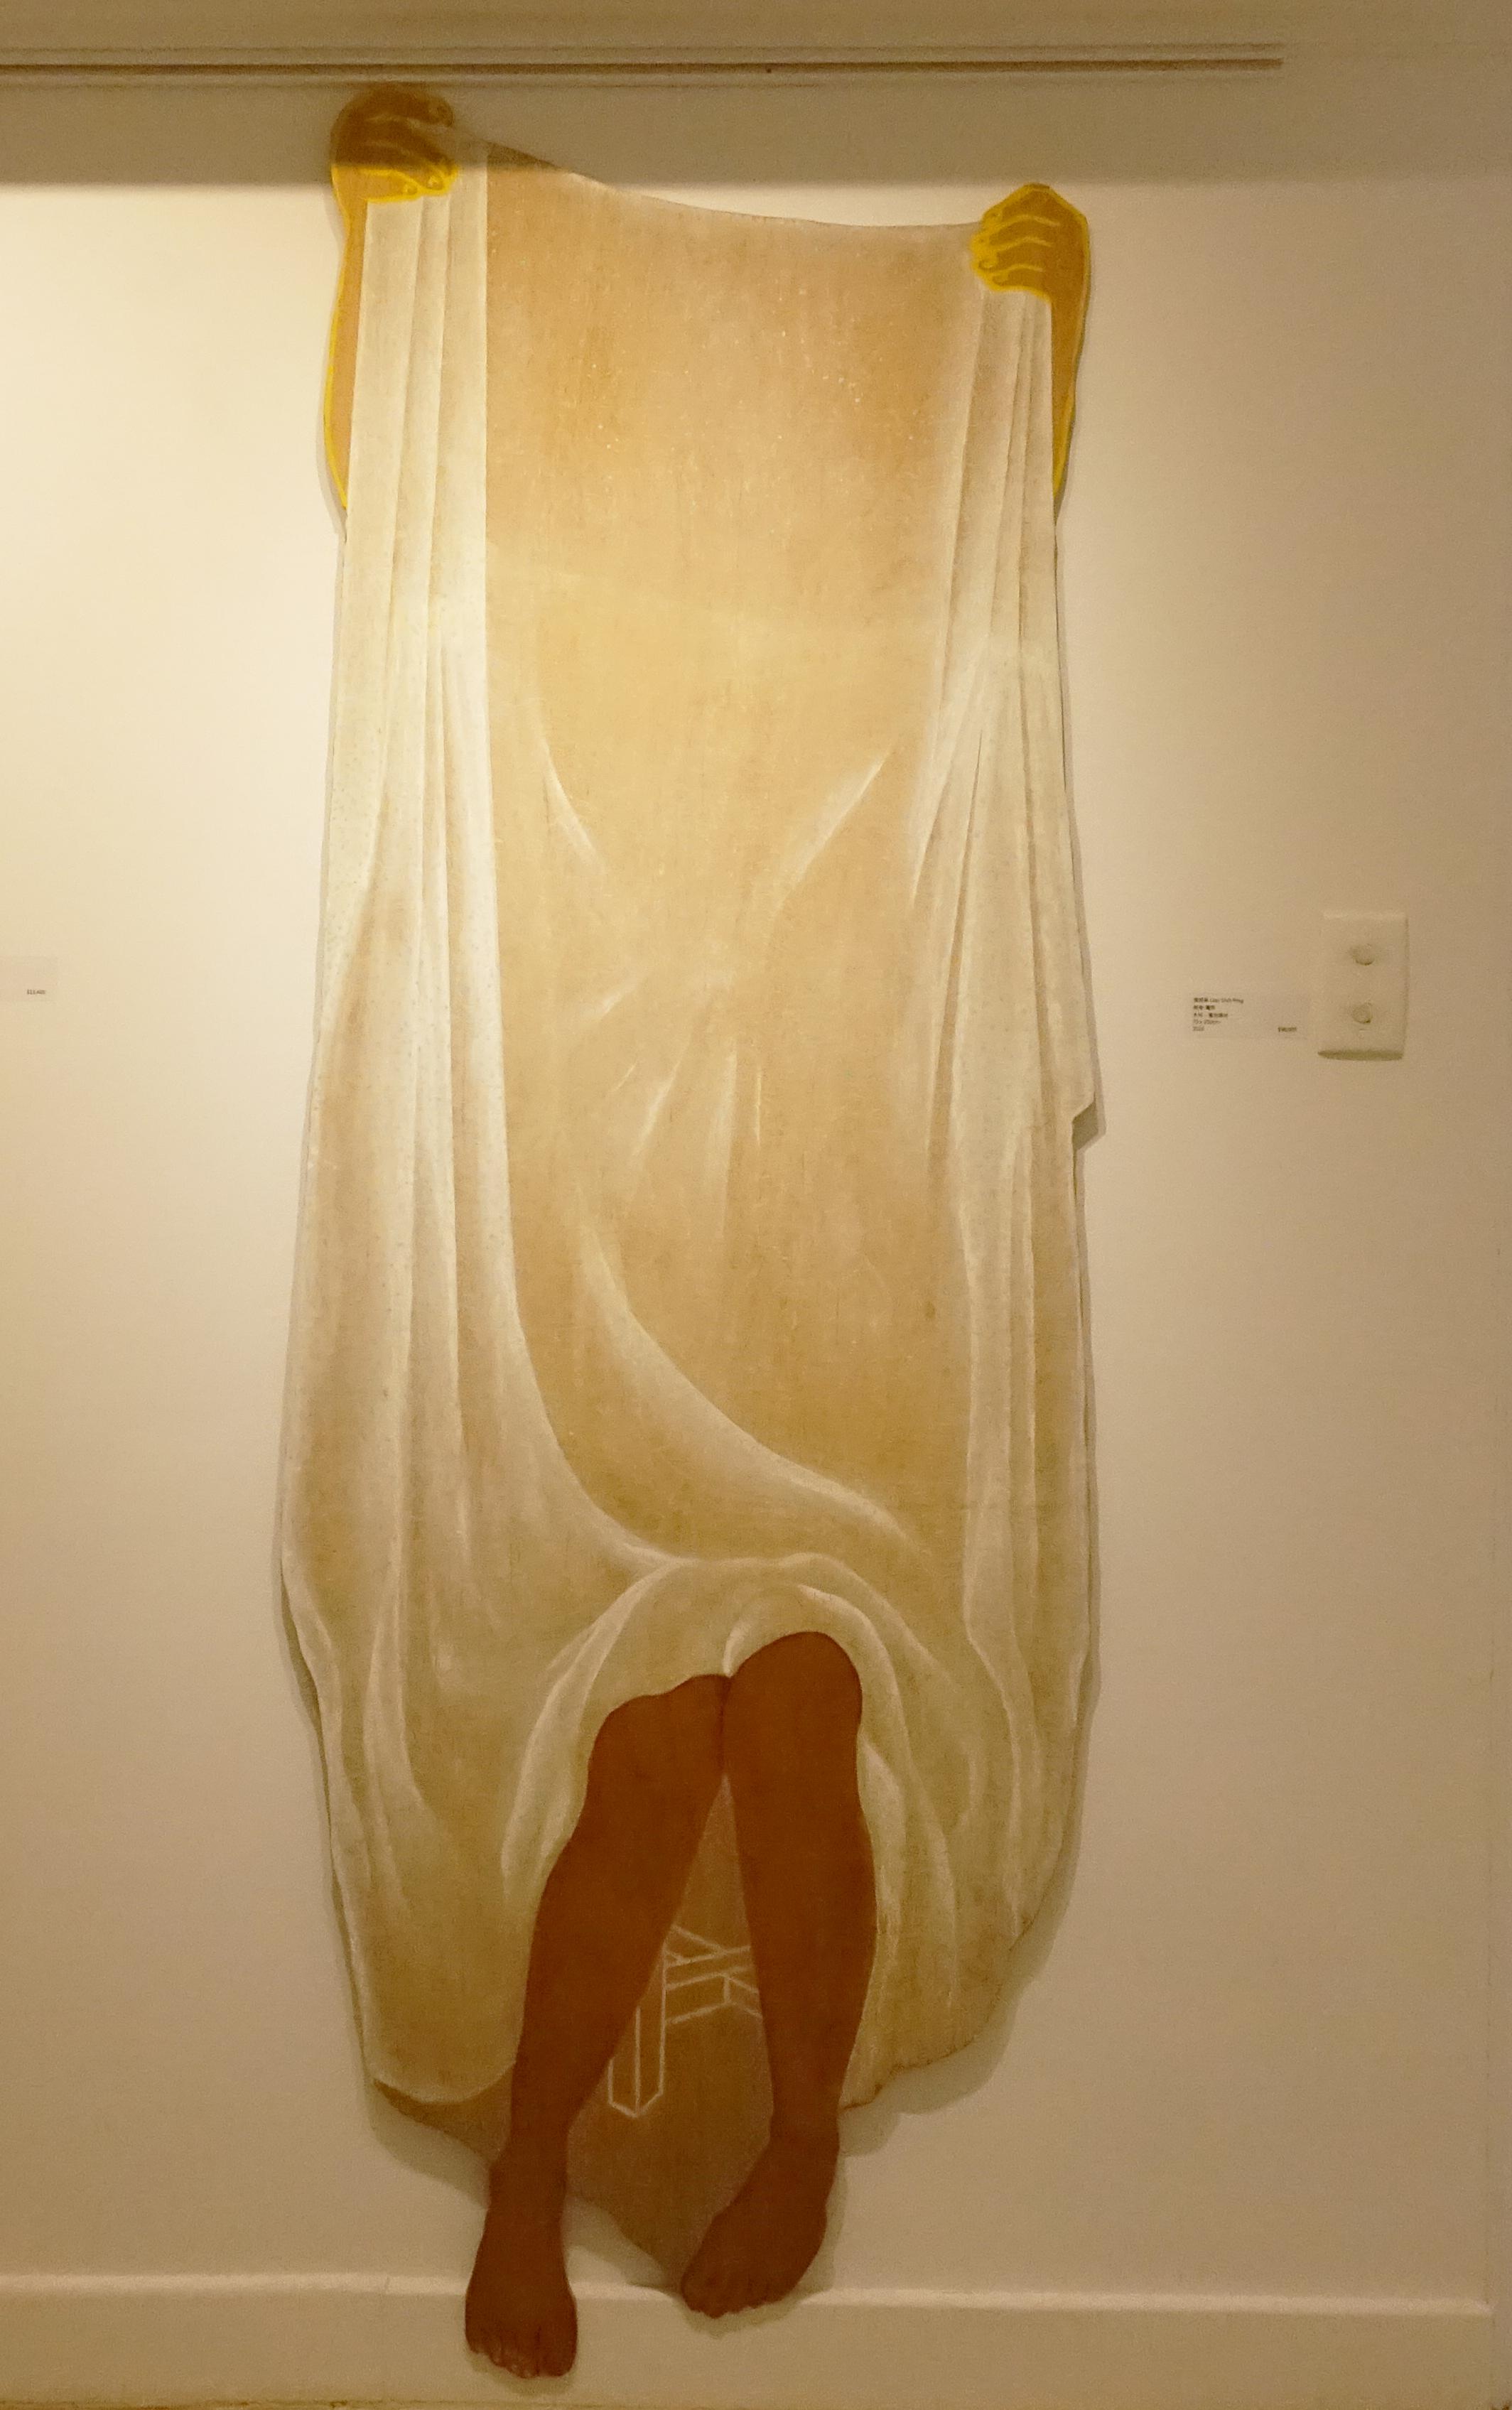 連師屏,《表掩-魔術》,木材、複合媒材,70 x 200 cm,2016。